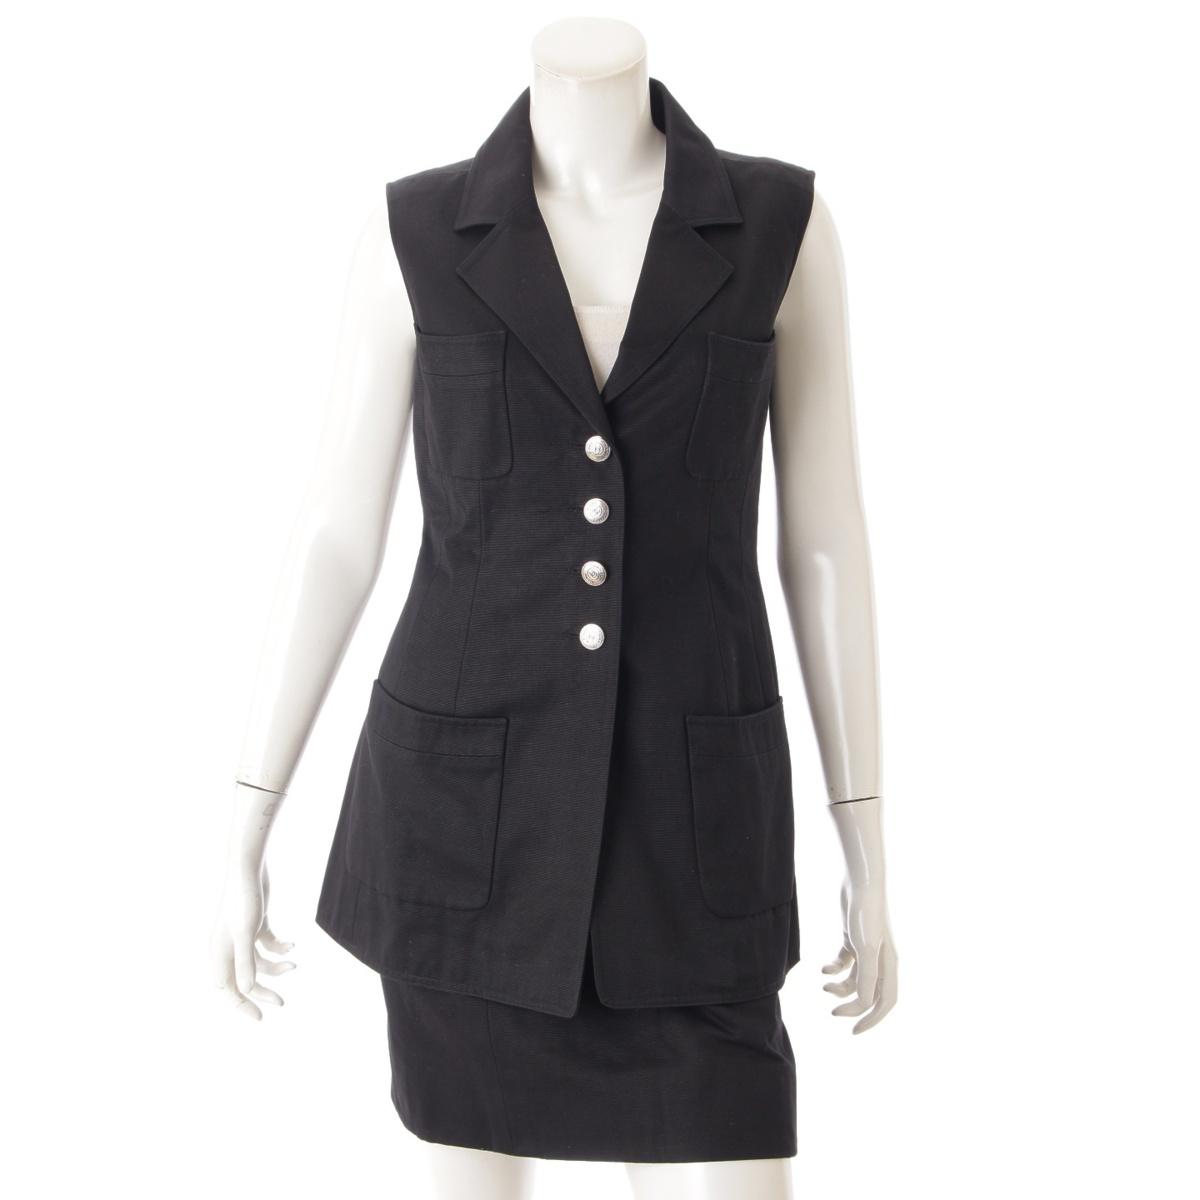 【シャネル】Chanel  97C ノースリーブ セットアップ スカート P08898 ブラック 38 【中古】【鑑定済・正規品保証】73175